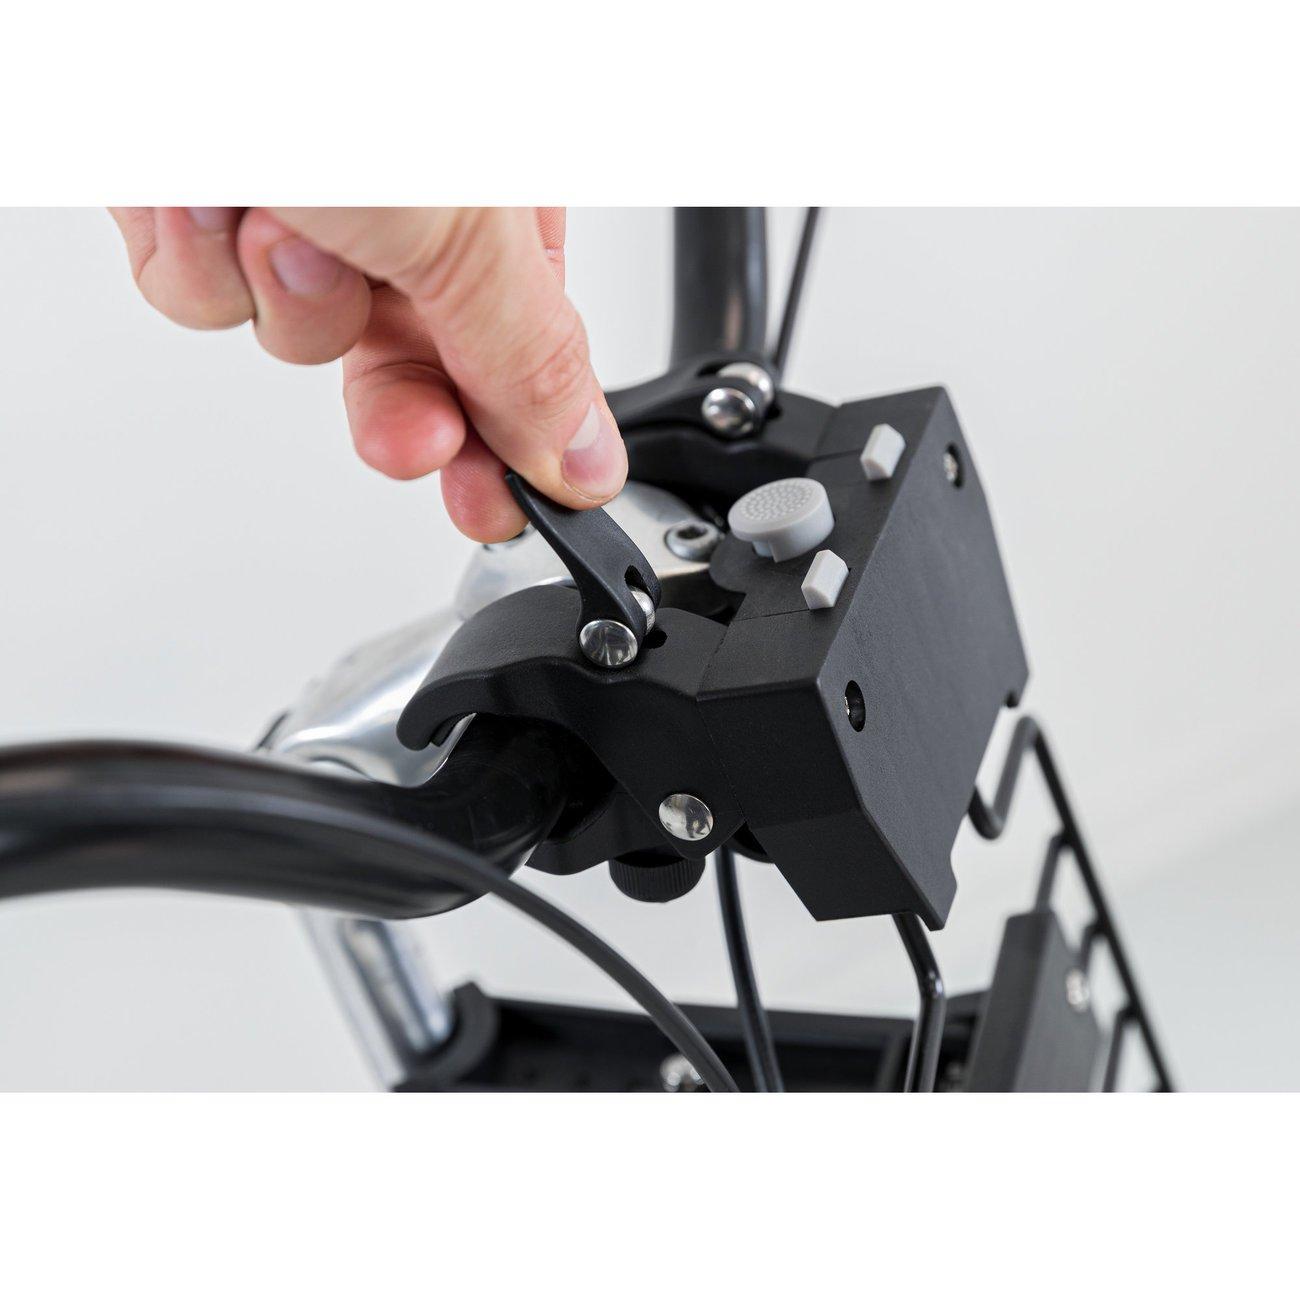 TRIXIE Lenker Front-Fahrradkorb für Hunde 13108, Bild 36